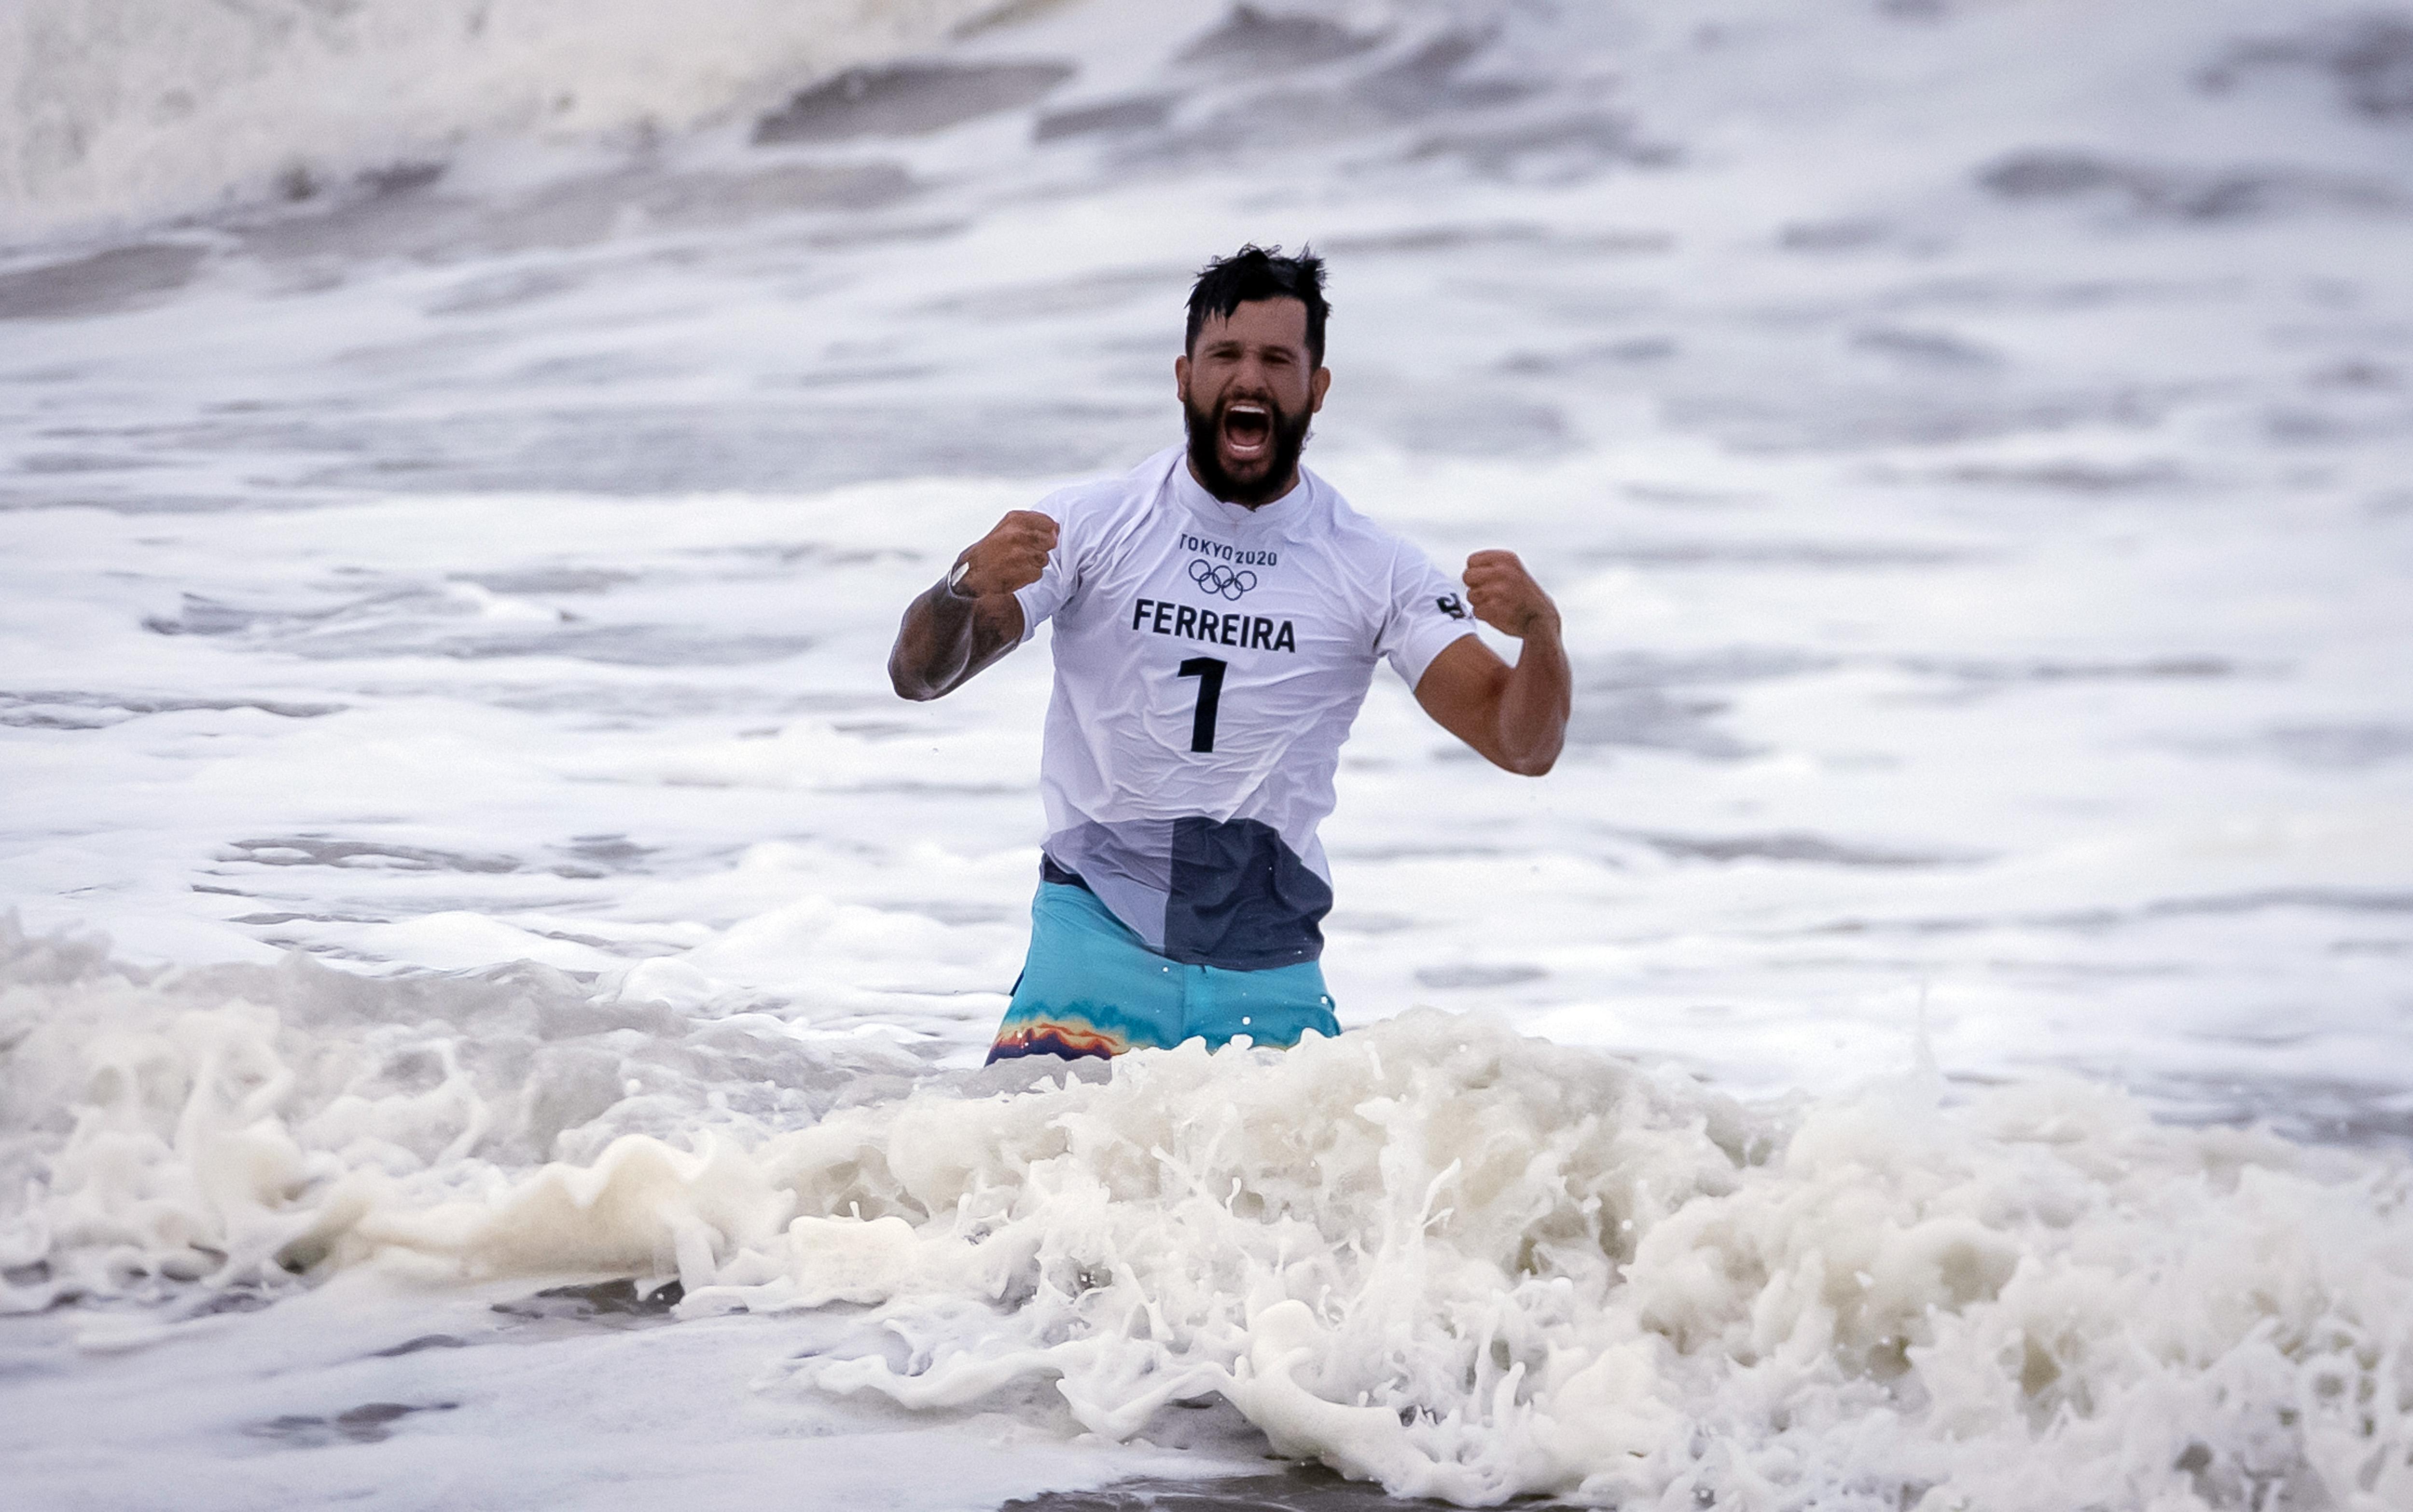 27.07.2021 - Jogos Olímpicos Tóquio 2020 - Final do surfe masculino na praia de Tsurigasaki. Na foto Ítalo Ferreira medalha de ouro na competição.